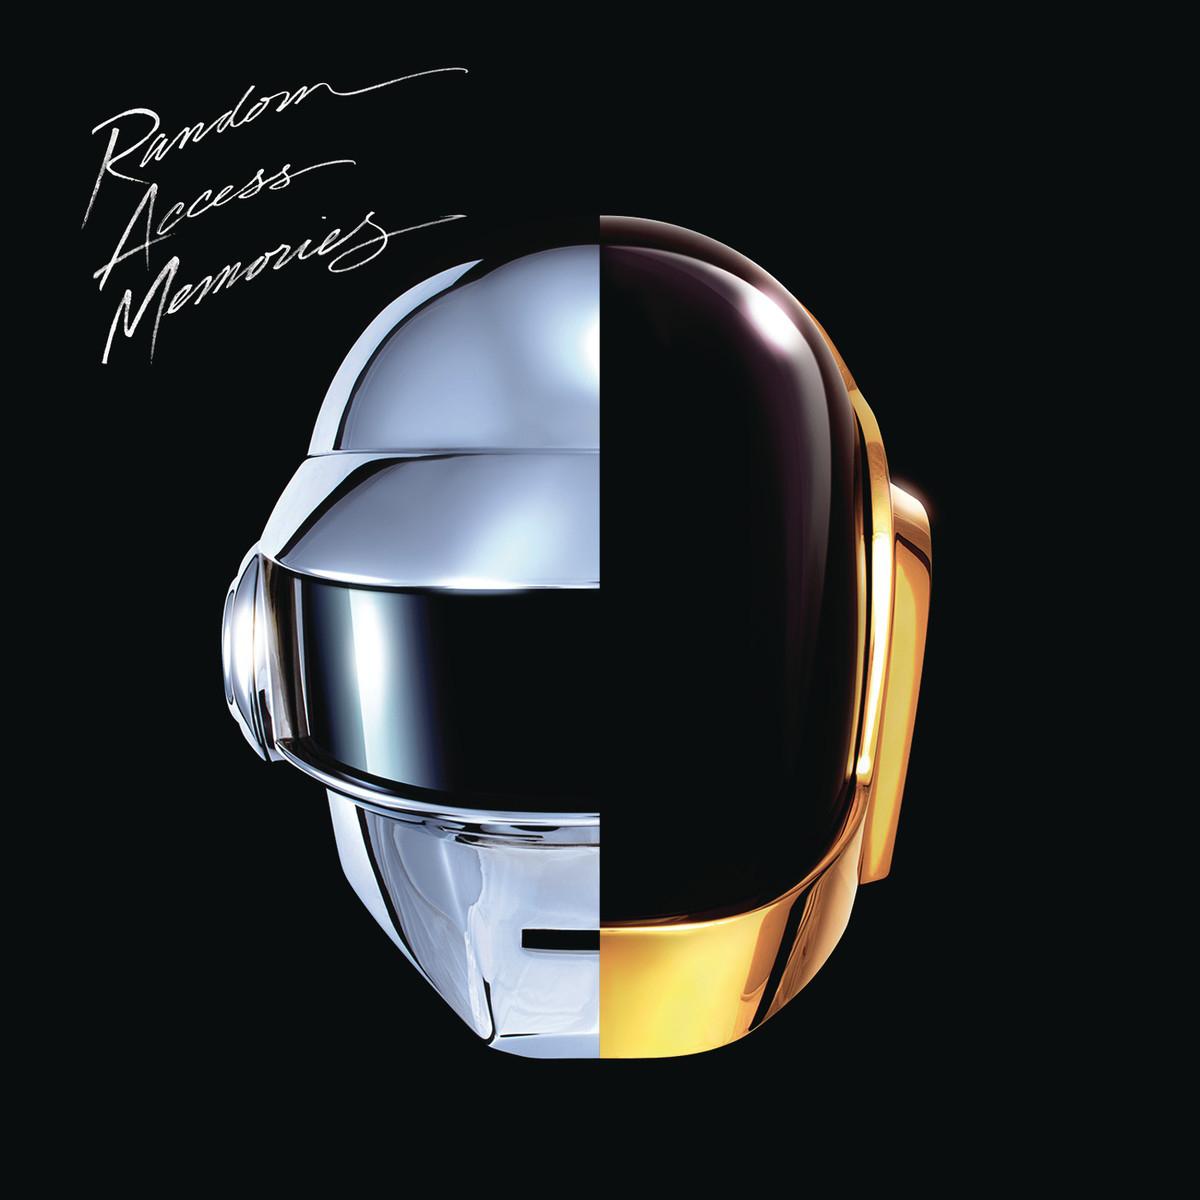 Sélection d'albums MP3 (Random Access Memories de Daft Punk ou Prism de Katy Perry...)